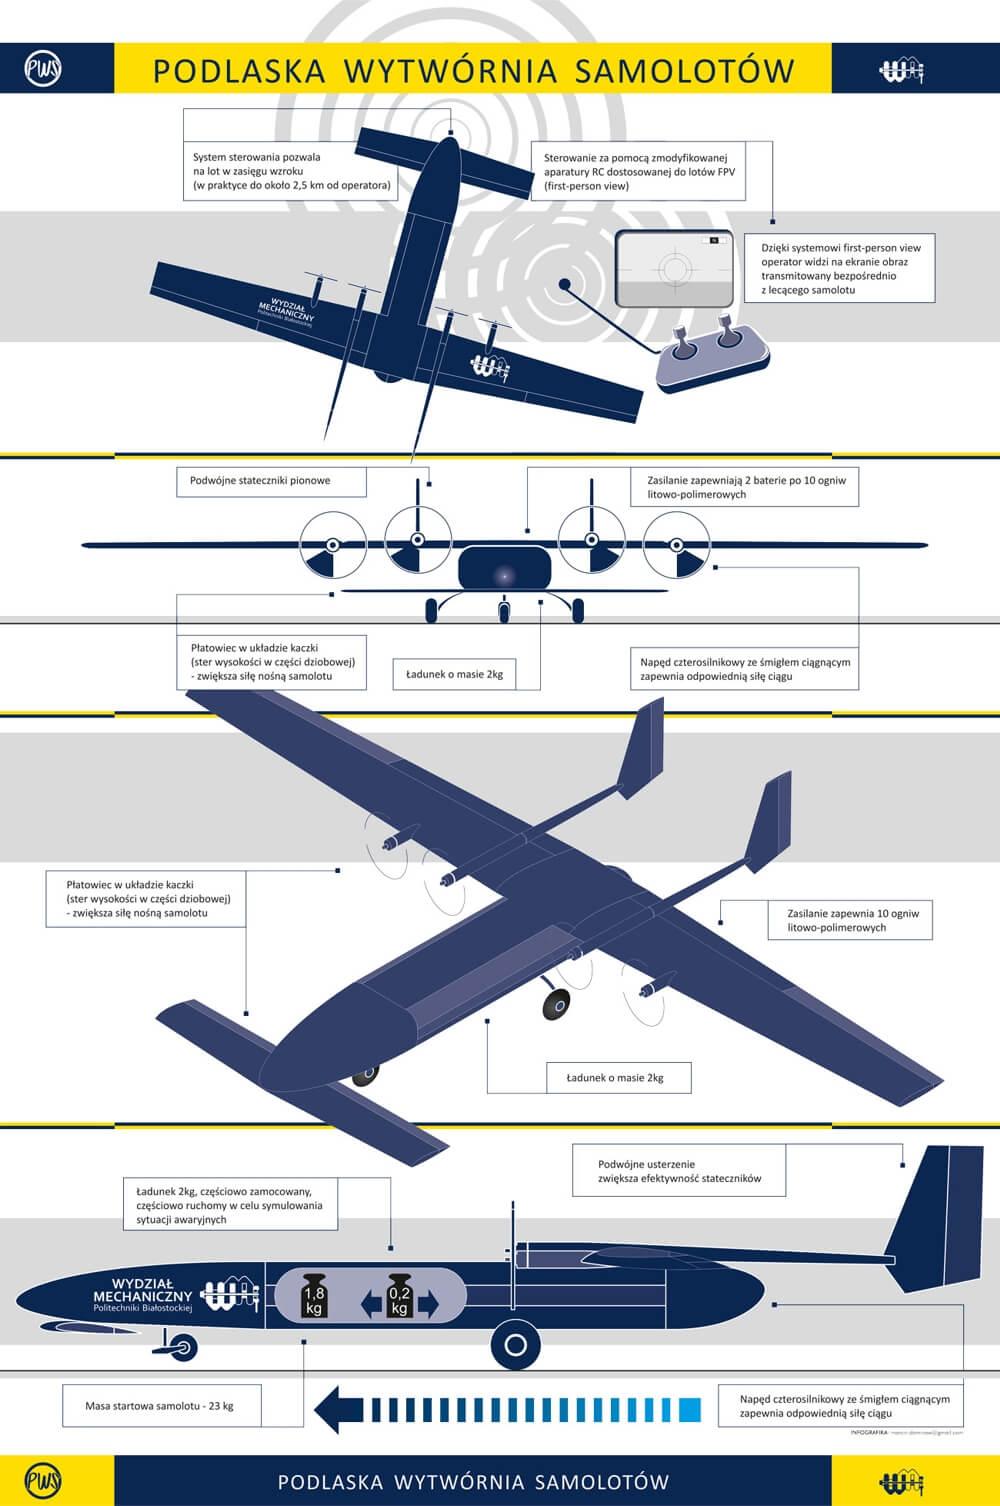 Infografika Podlaska Wytwórnia Samolotów